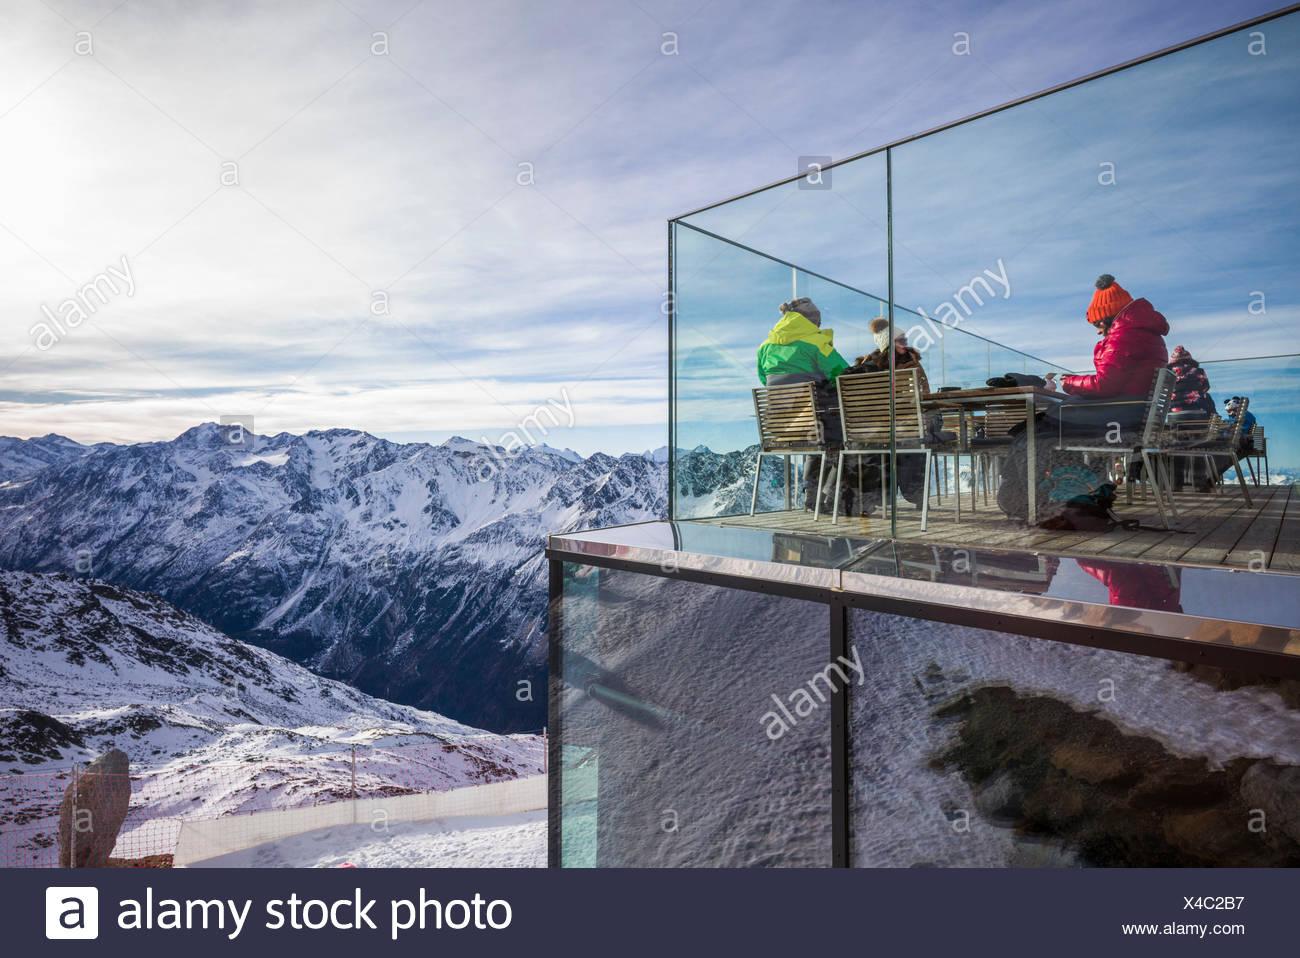 Österreich, Tirol, Sölden, gaislachkogl otztal Ski Mountain, gaislachkogl Gipfel, Höhe 3059 m, Eis q Gourmet Restaurant, Essbereich im Freien, im Winter Stockfoto